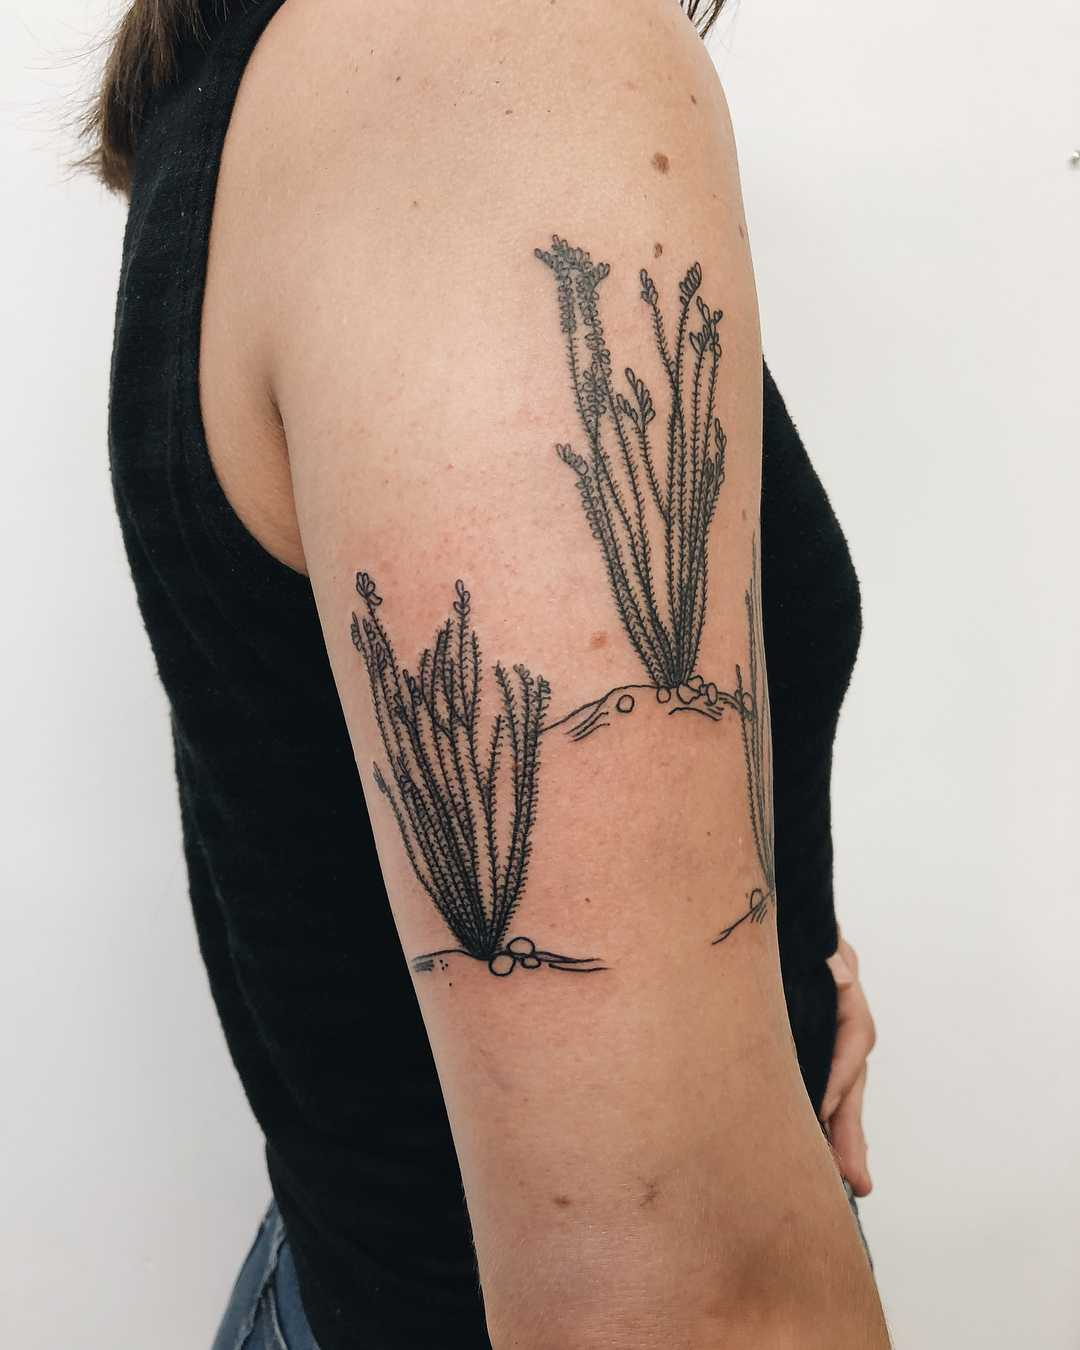 Ocotillo tattoo